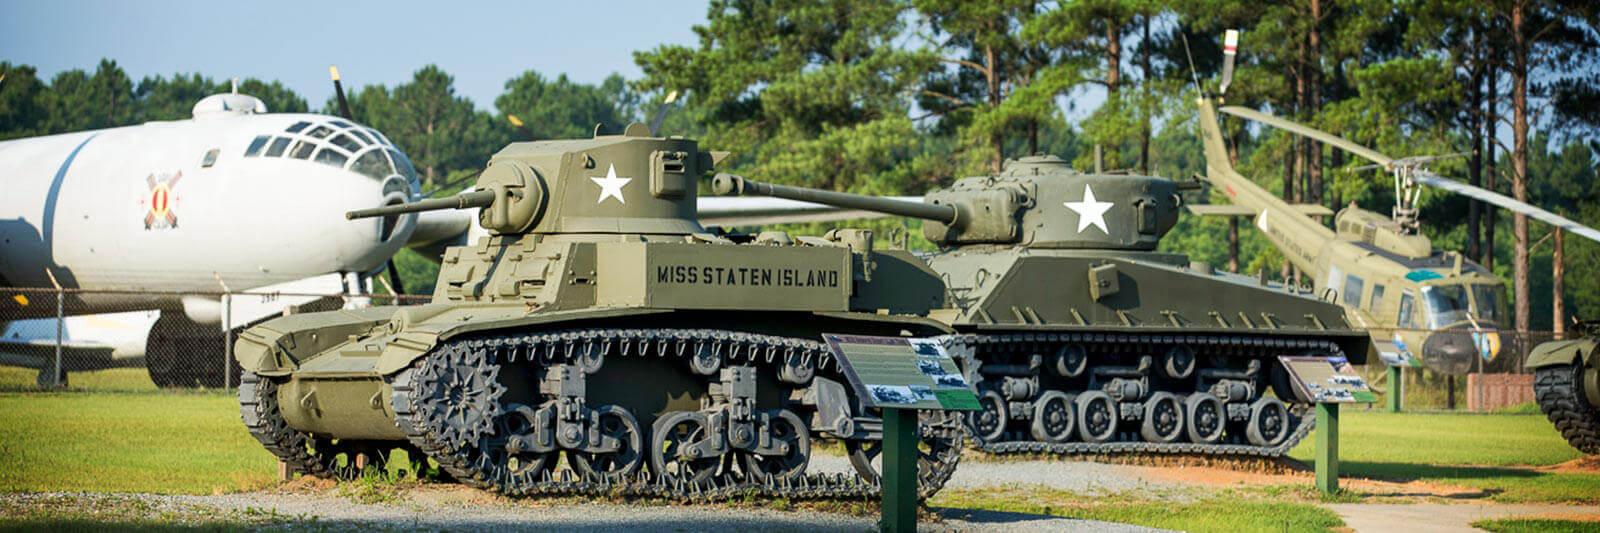 Lake Blackshear GA Veterans Military Museum